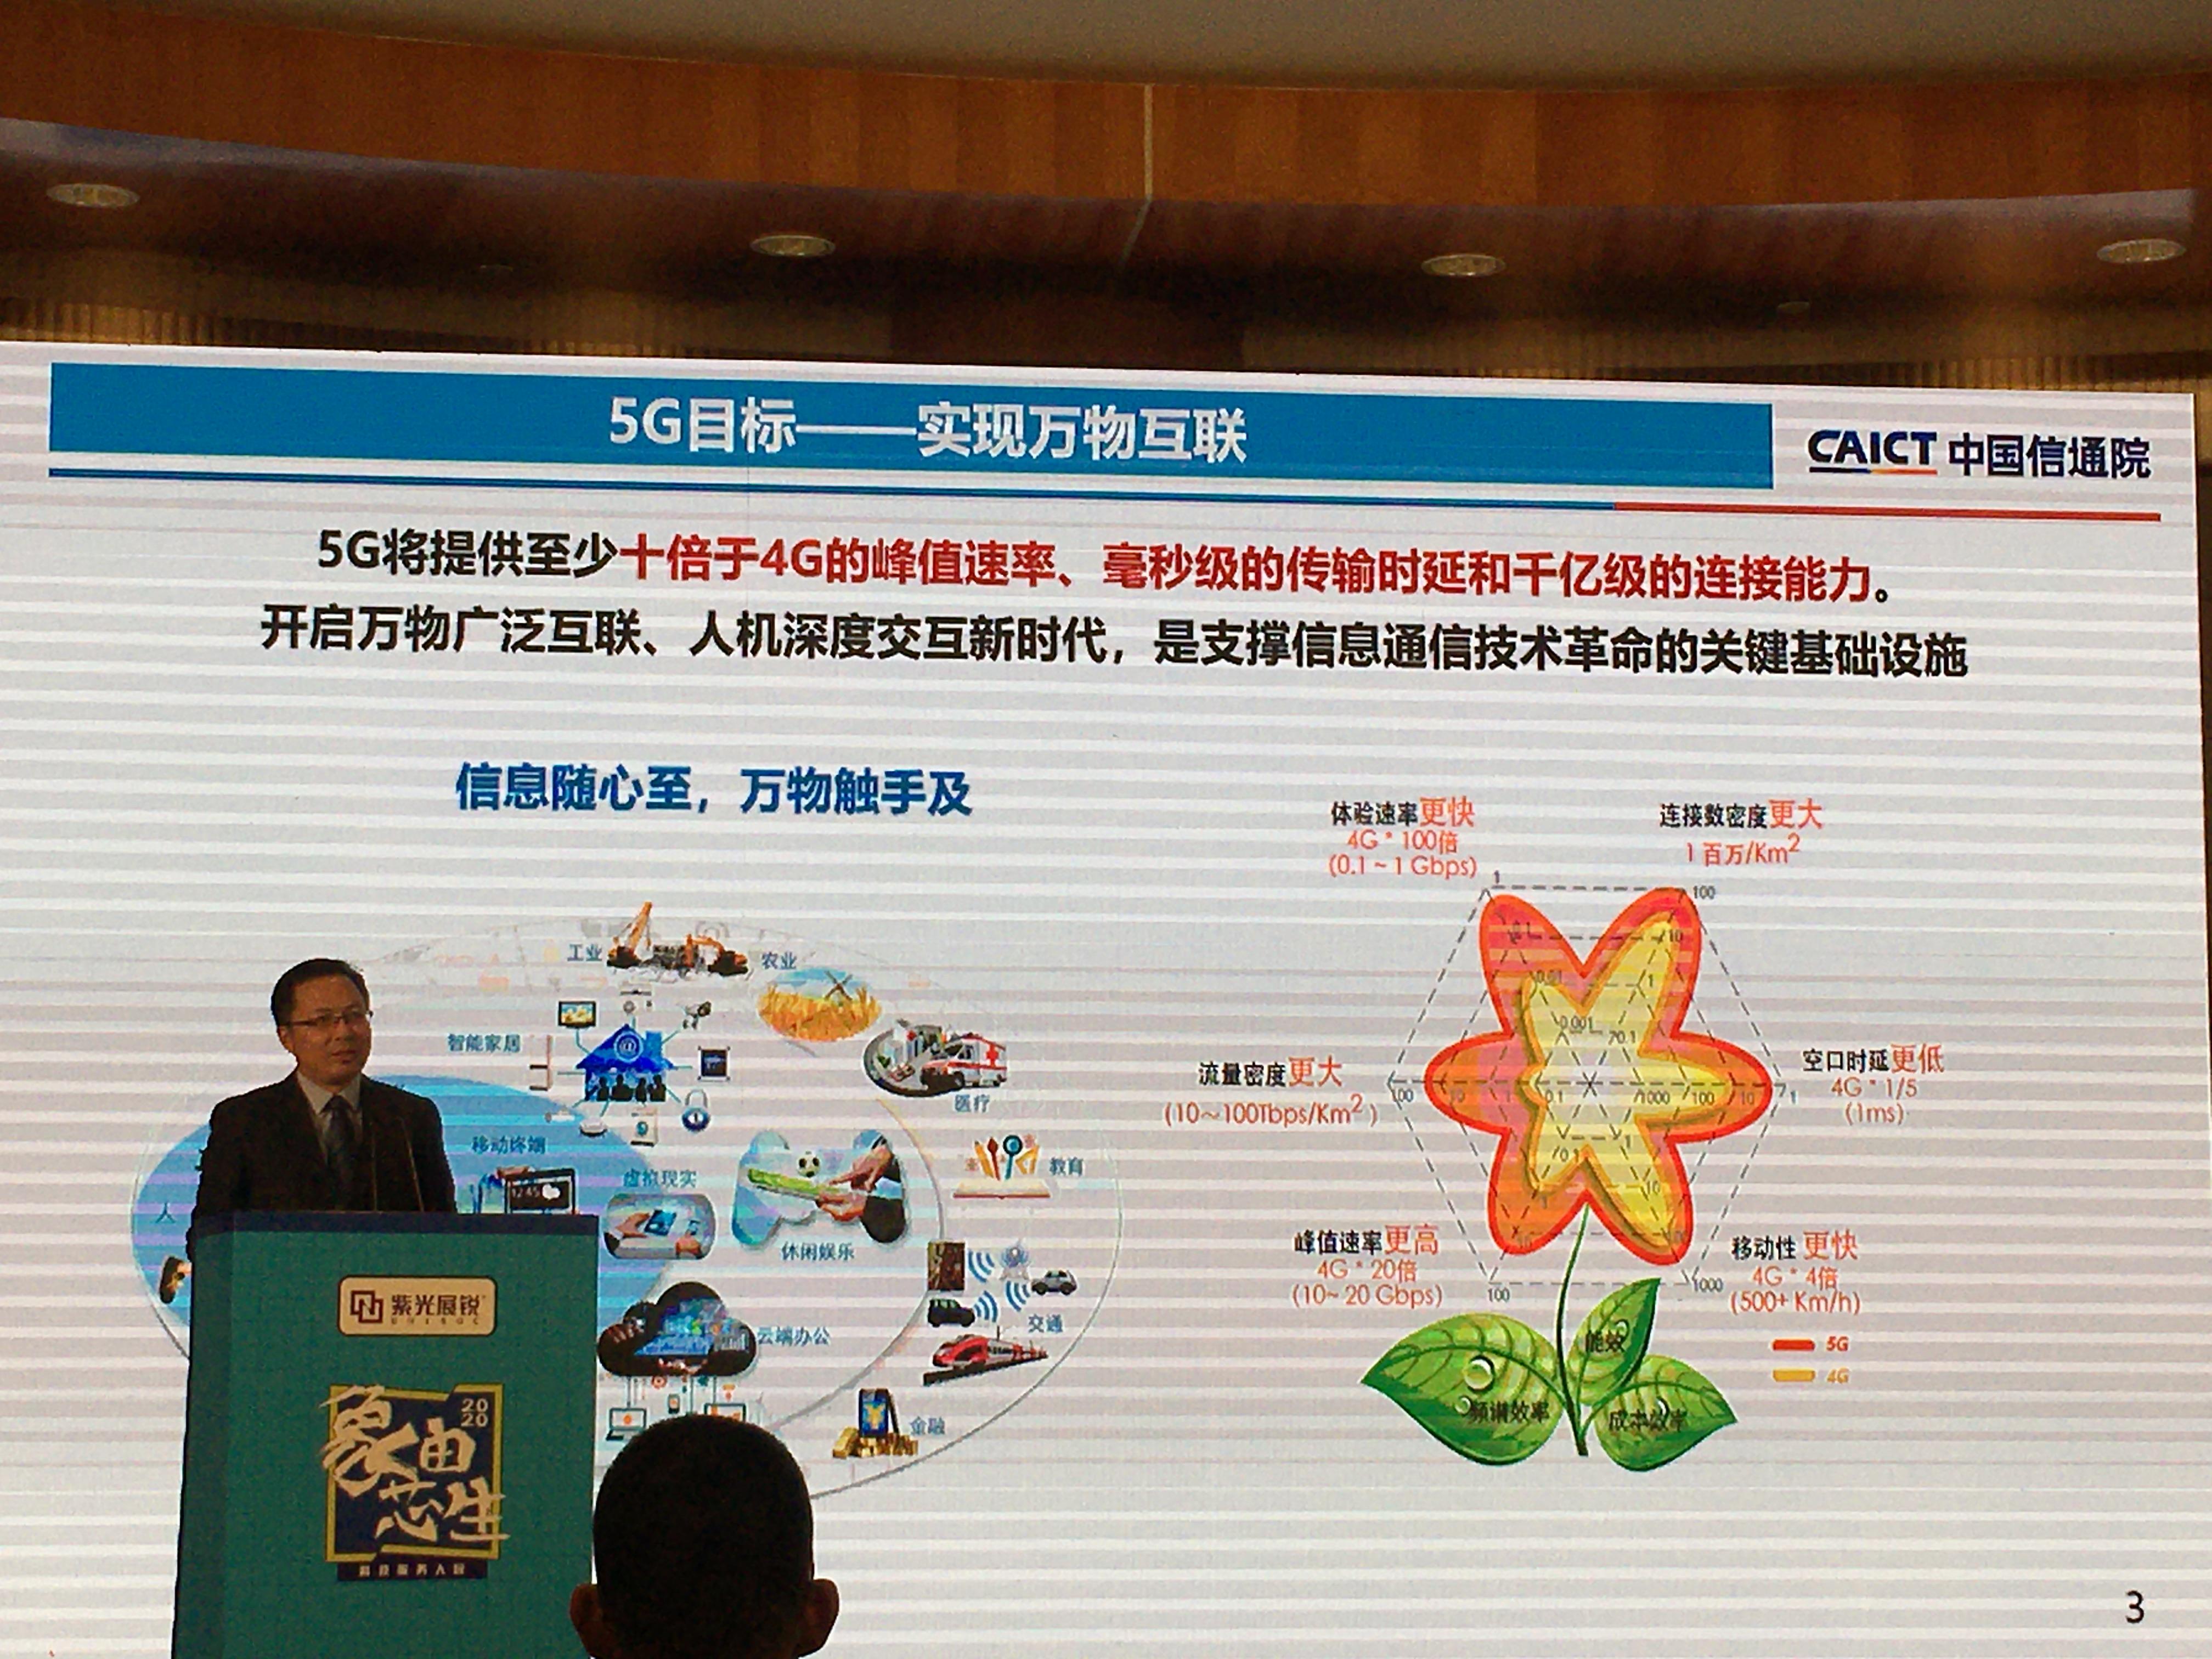 5G产业和标准必要专利动态观察